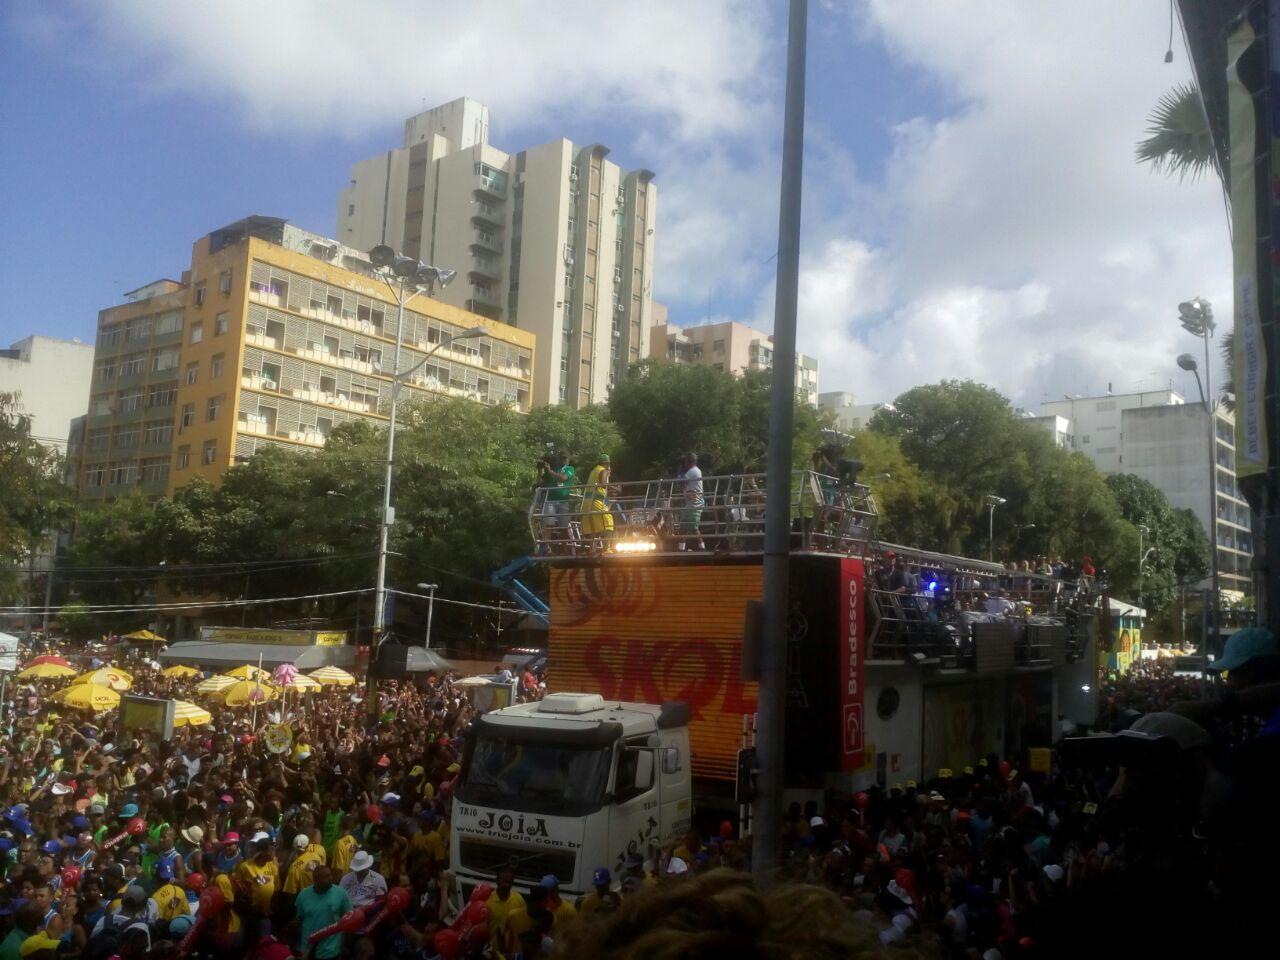 Circuito Osmar : Confira a programação deste quinto dia de carnaval no circuito